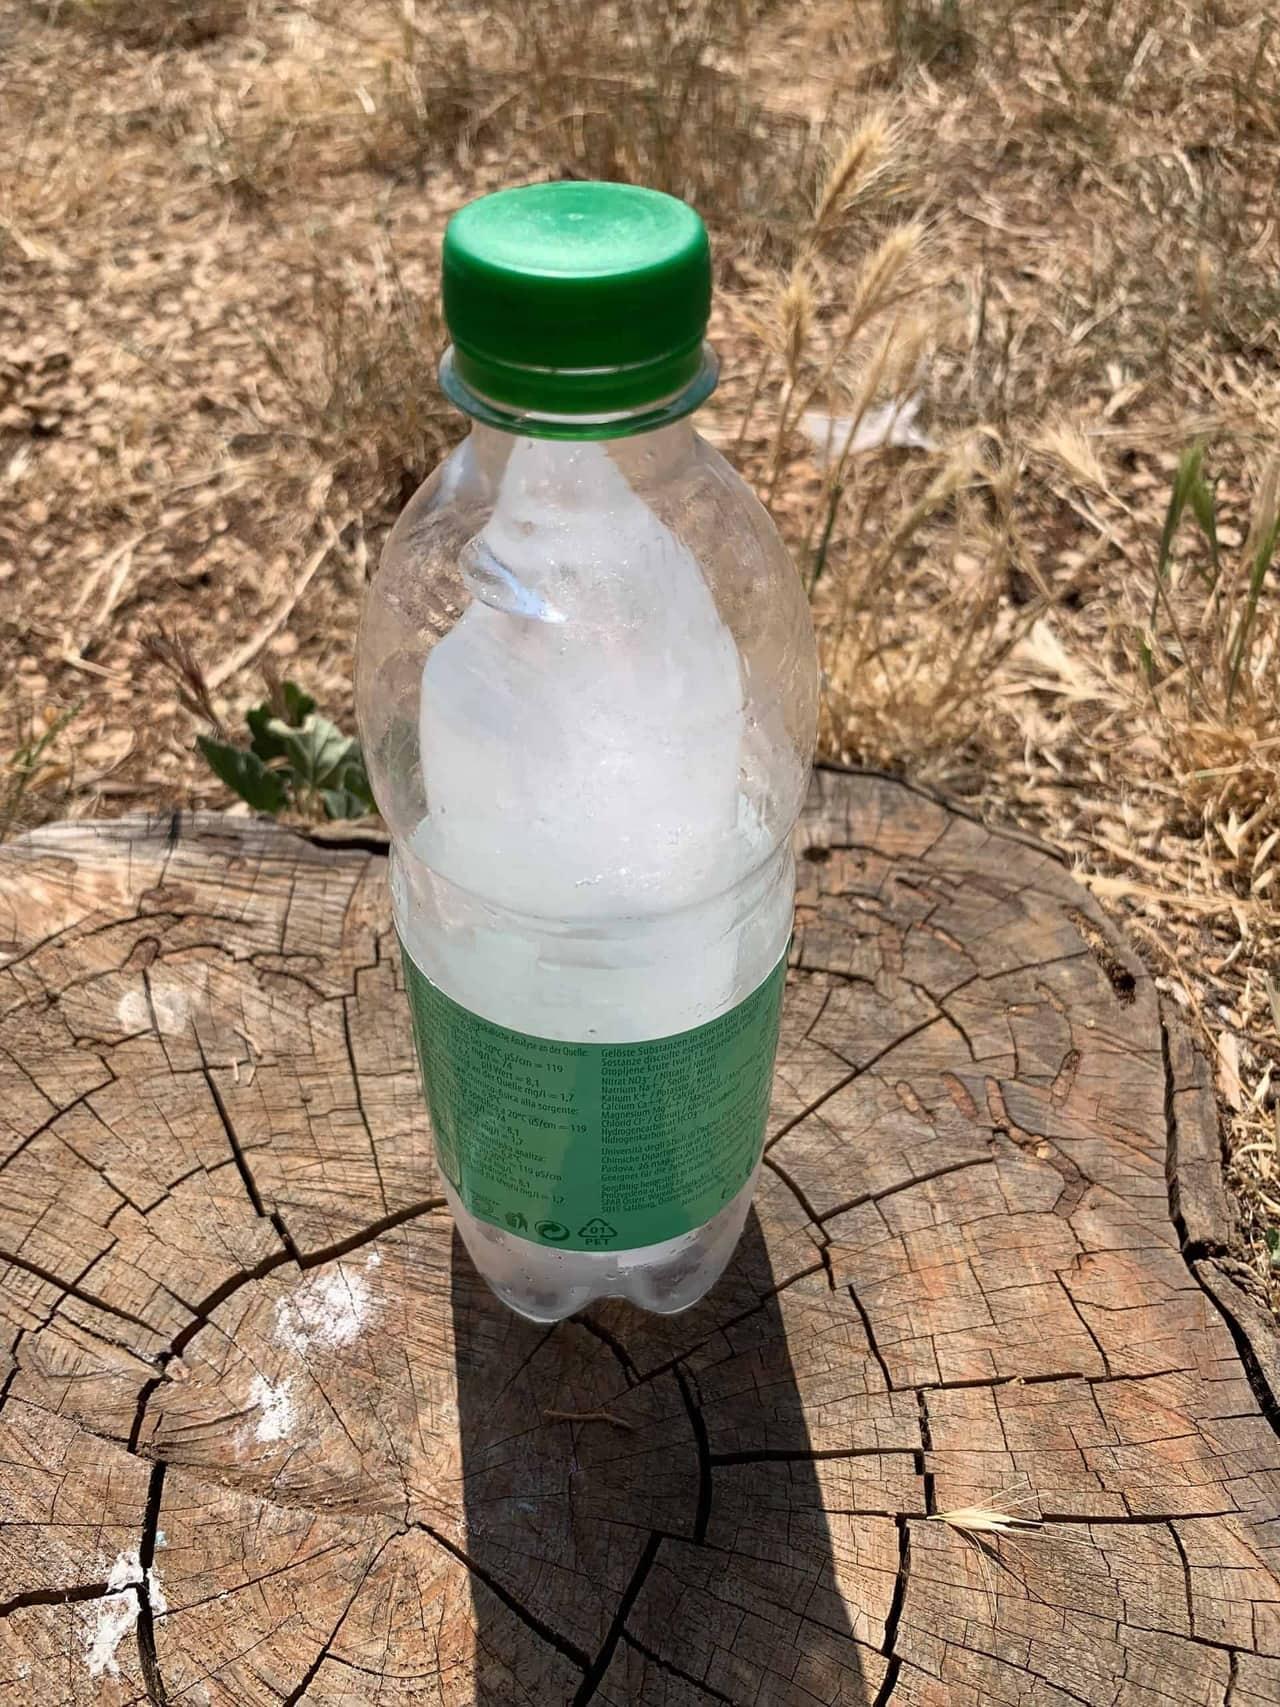 Eingefrorenes_stilles_Wasser_in_PET_Flasche_hält_lange_kalt